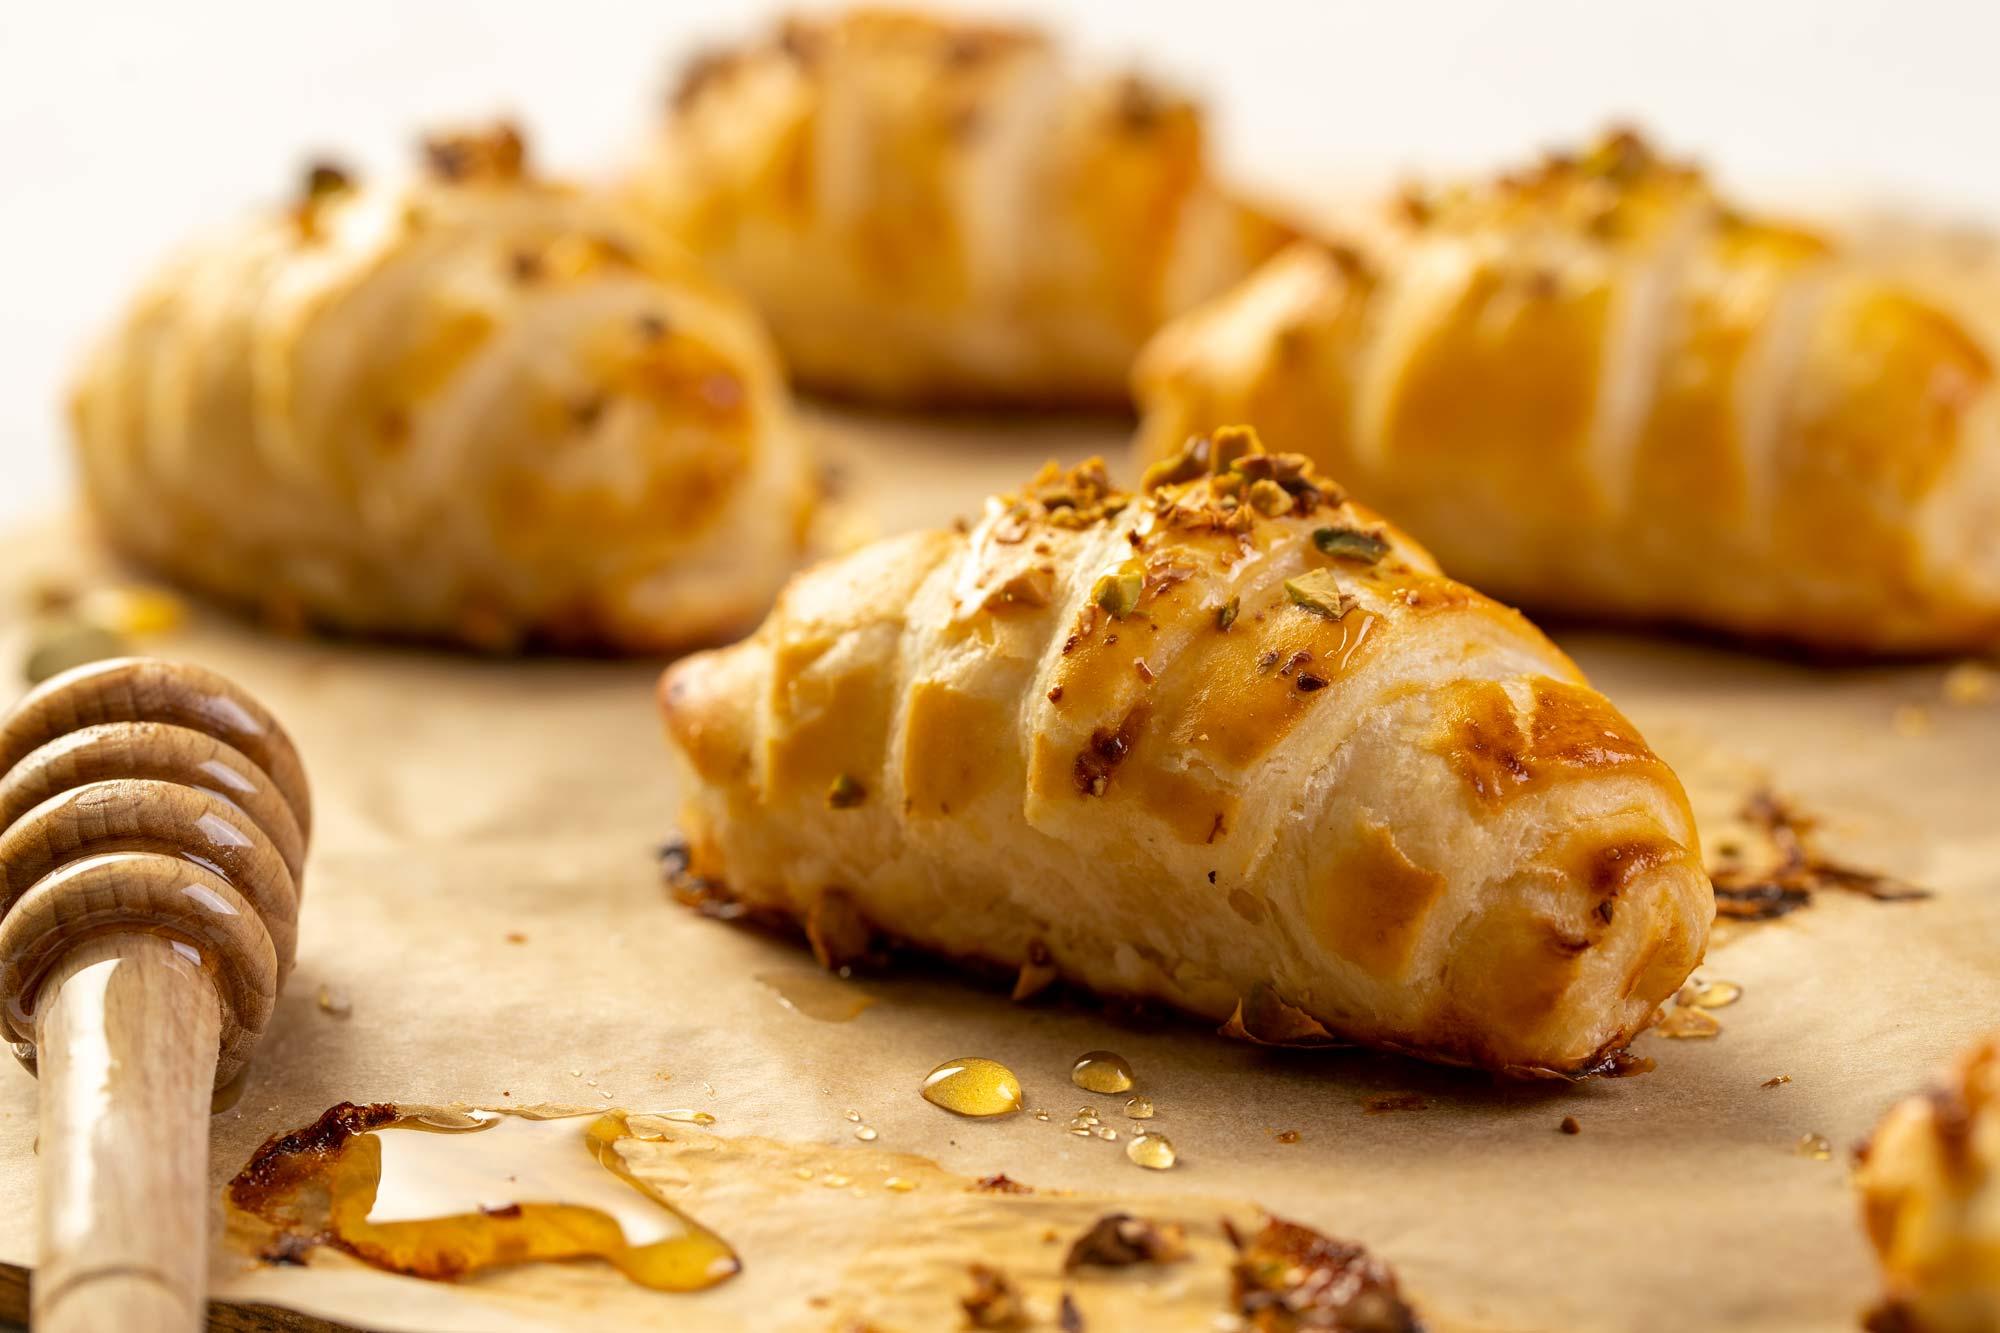 Breskvini rogljički z medom in pistacijami